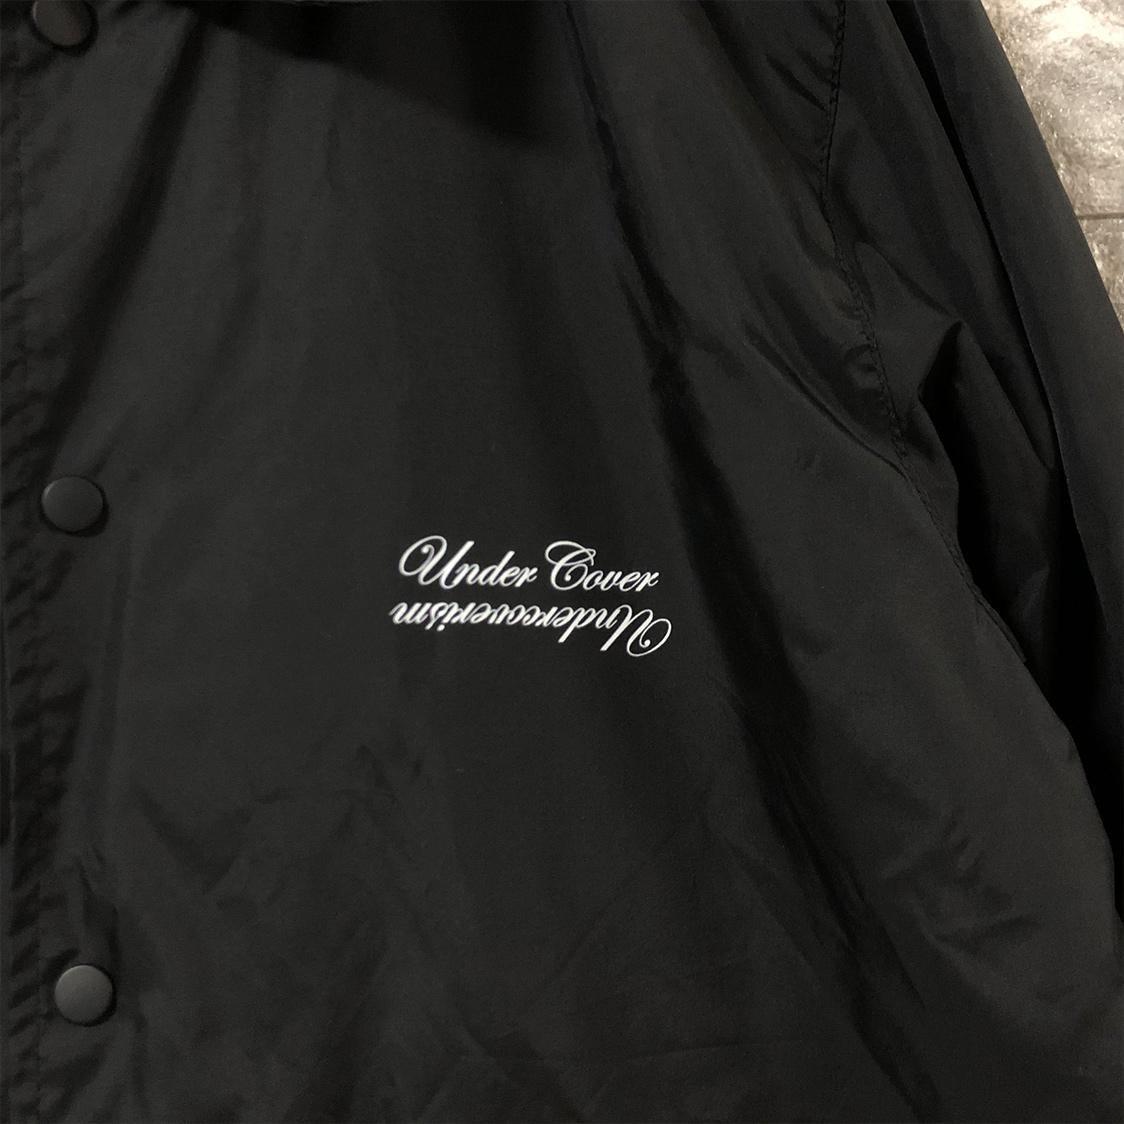 UNDERCOVER アンダーカバー コーチジャケット ナイロン Sサイズ ブラック